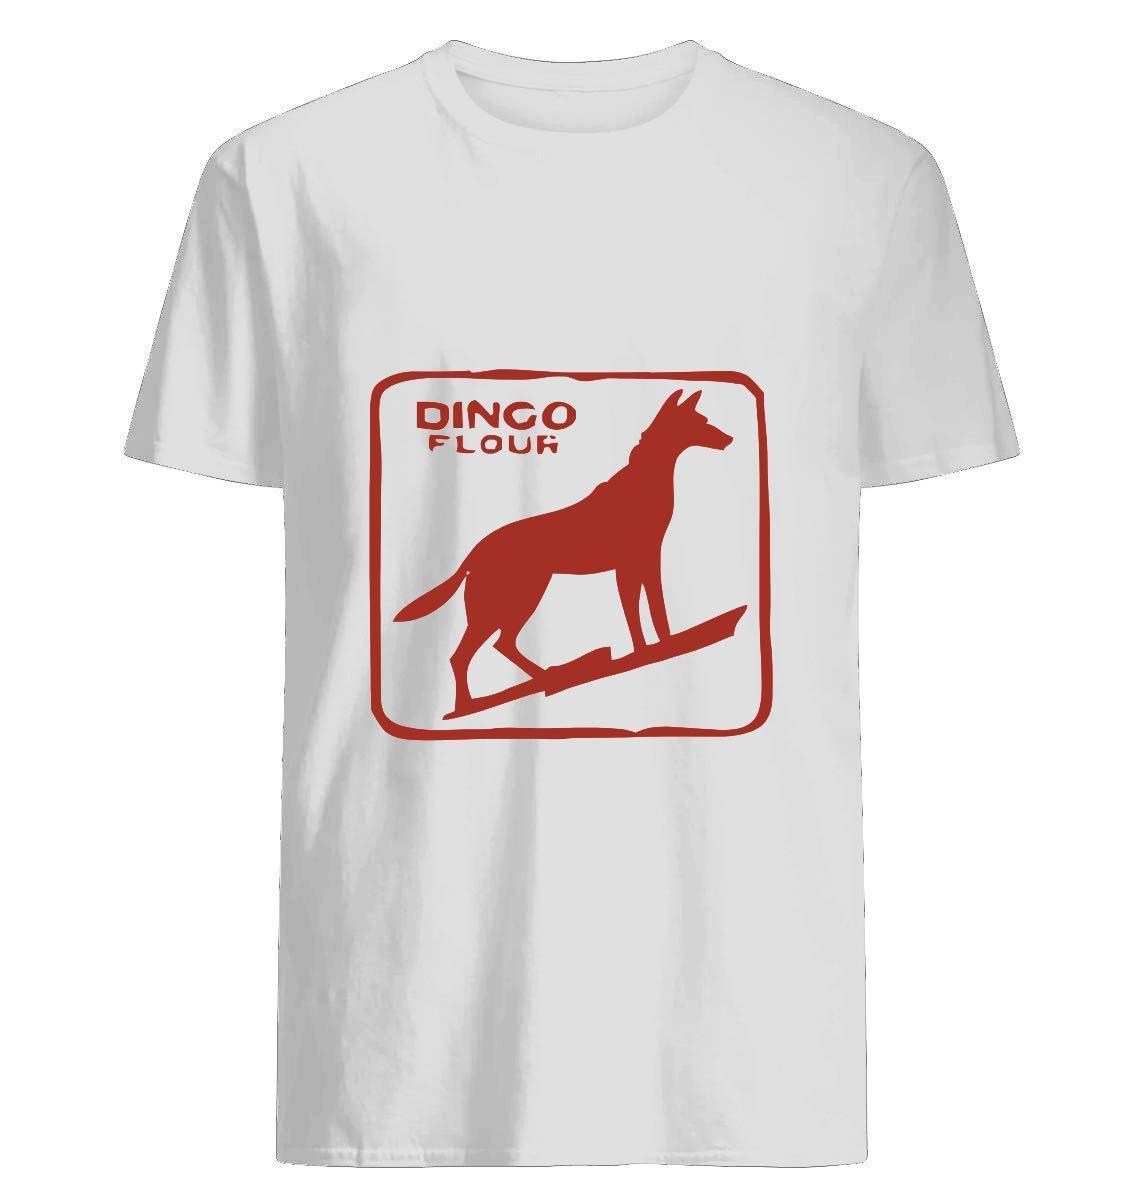 Dingo Flour 24 Shirts